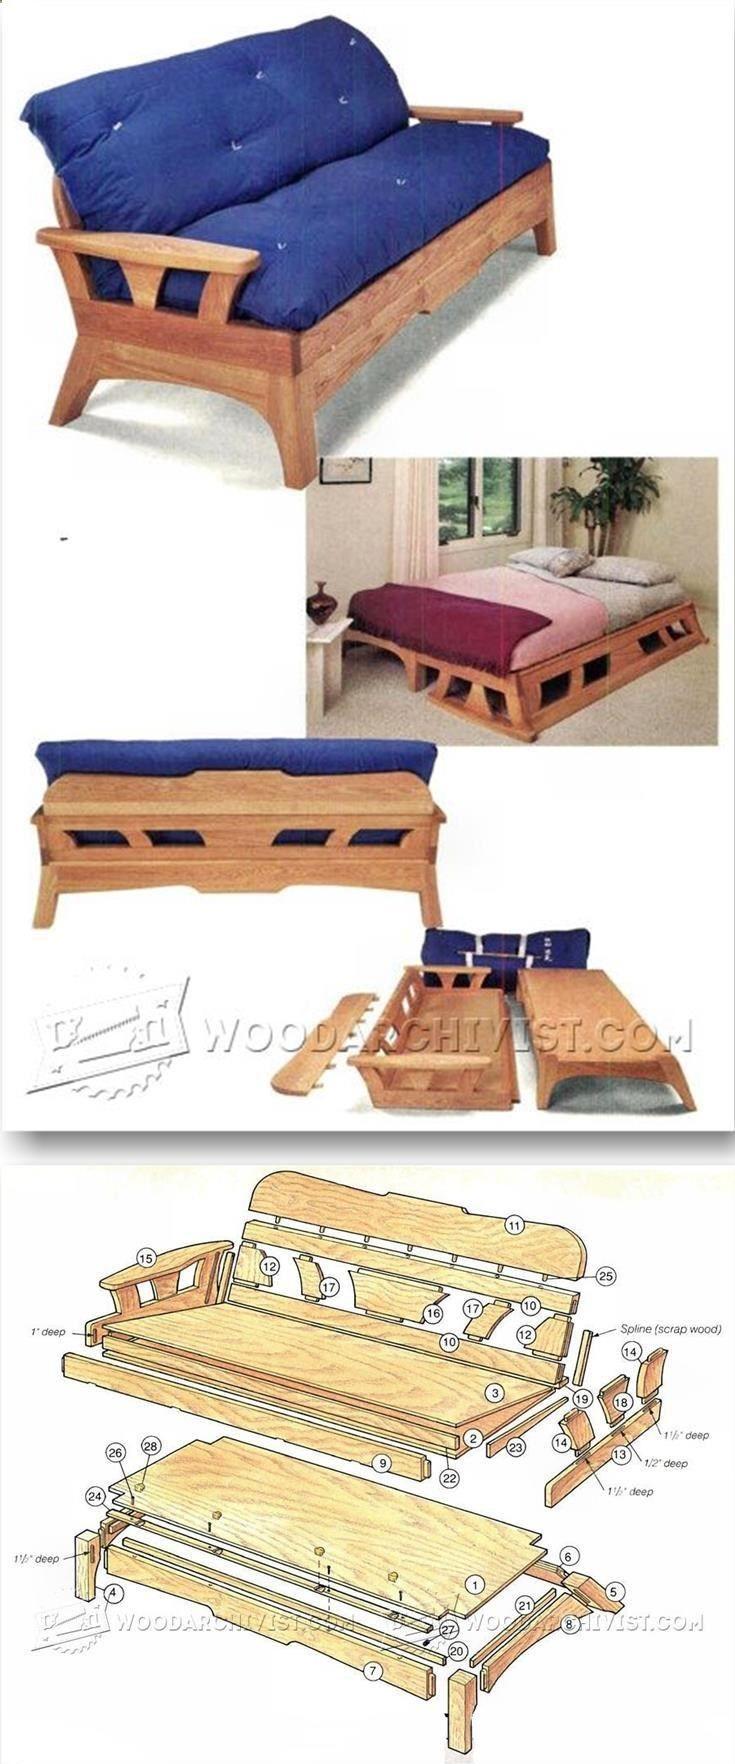 Futon Sofa Bed Plans Furniture Plans And Projects Woodarchivist Com Plans De Meubles Idee Deco Originale Mobilier De Salon